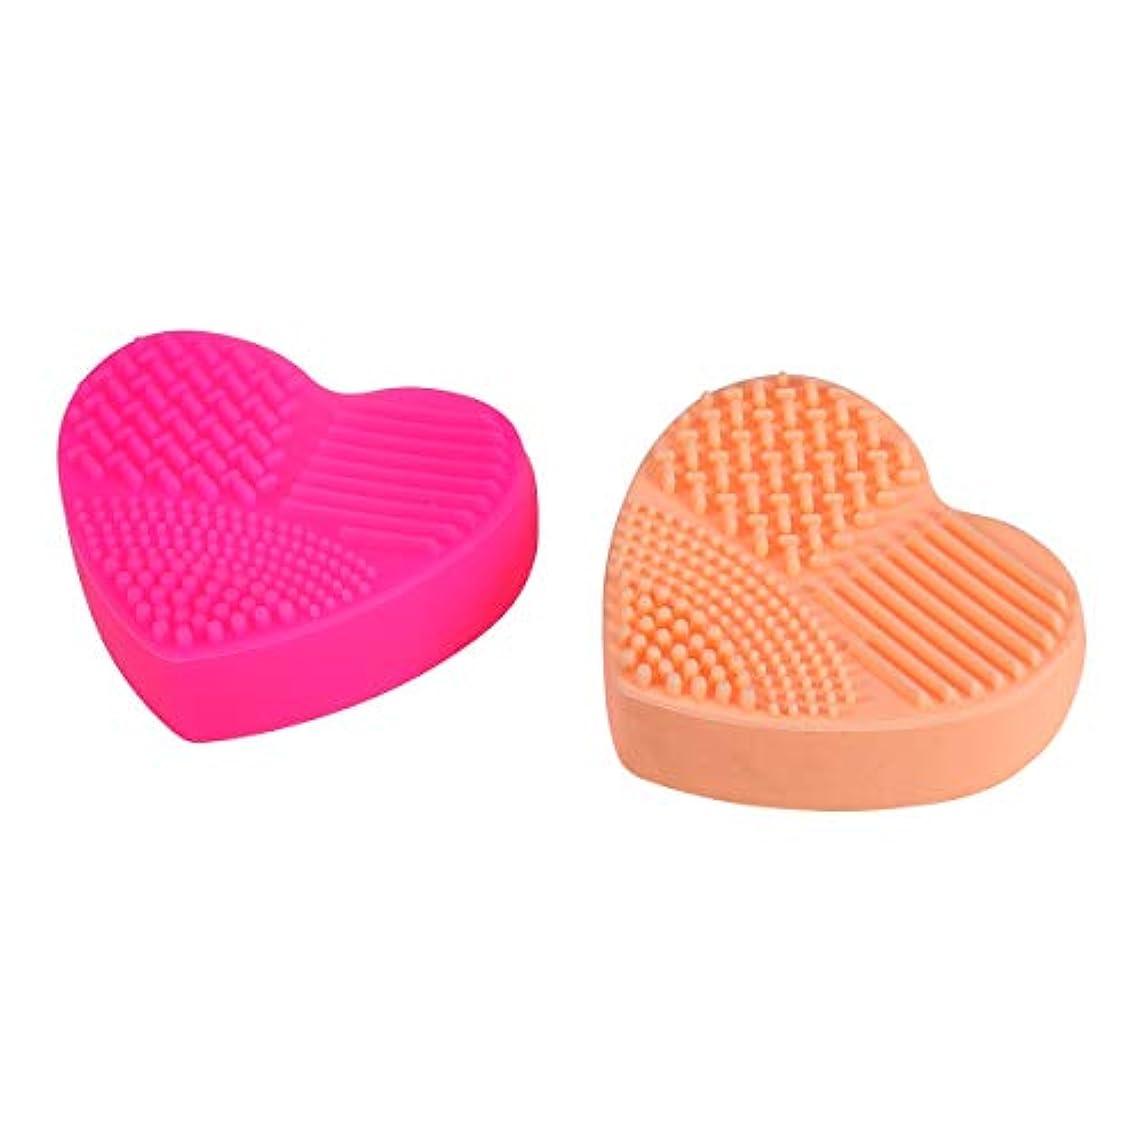 モネ操縦するレルムBeaupretty 2本シリコン化粧ブラシクリーニングマットハート型化粧ブラシクリーニングパッドポータブル洗濯道具(バラ色、オレンジ)